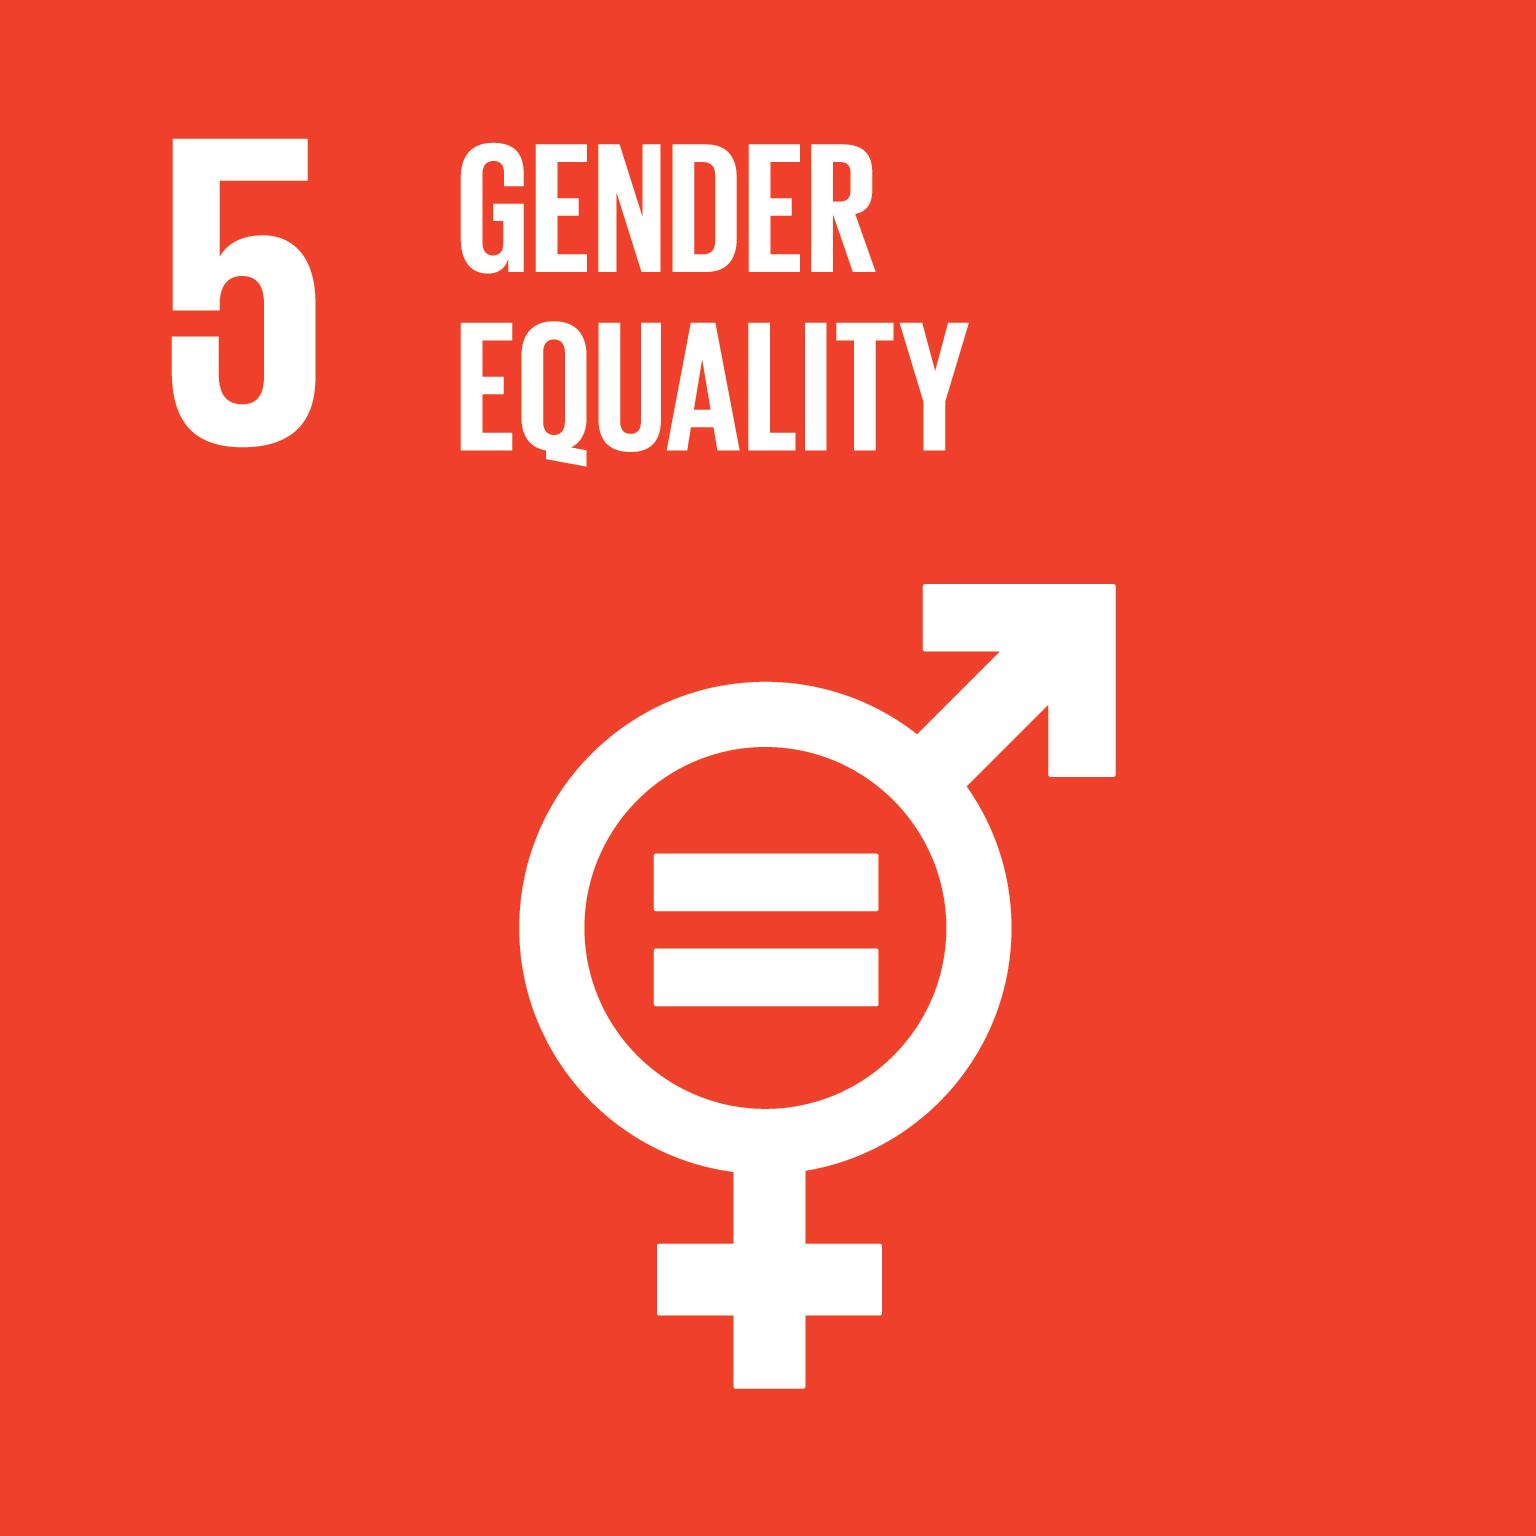 SDG Goal #5 Gender Equality